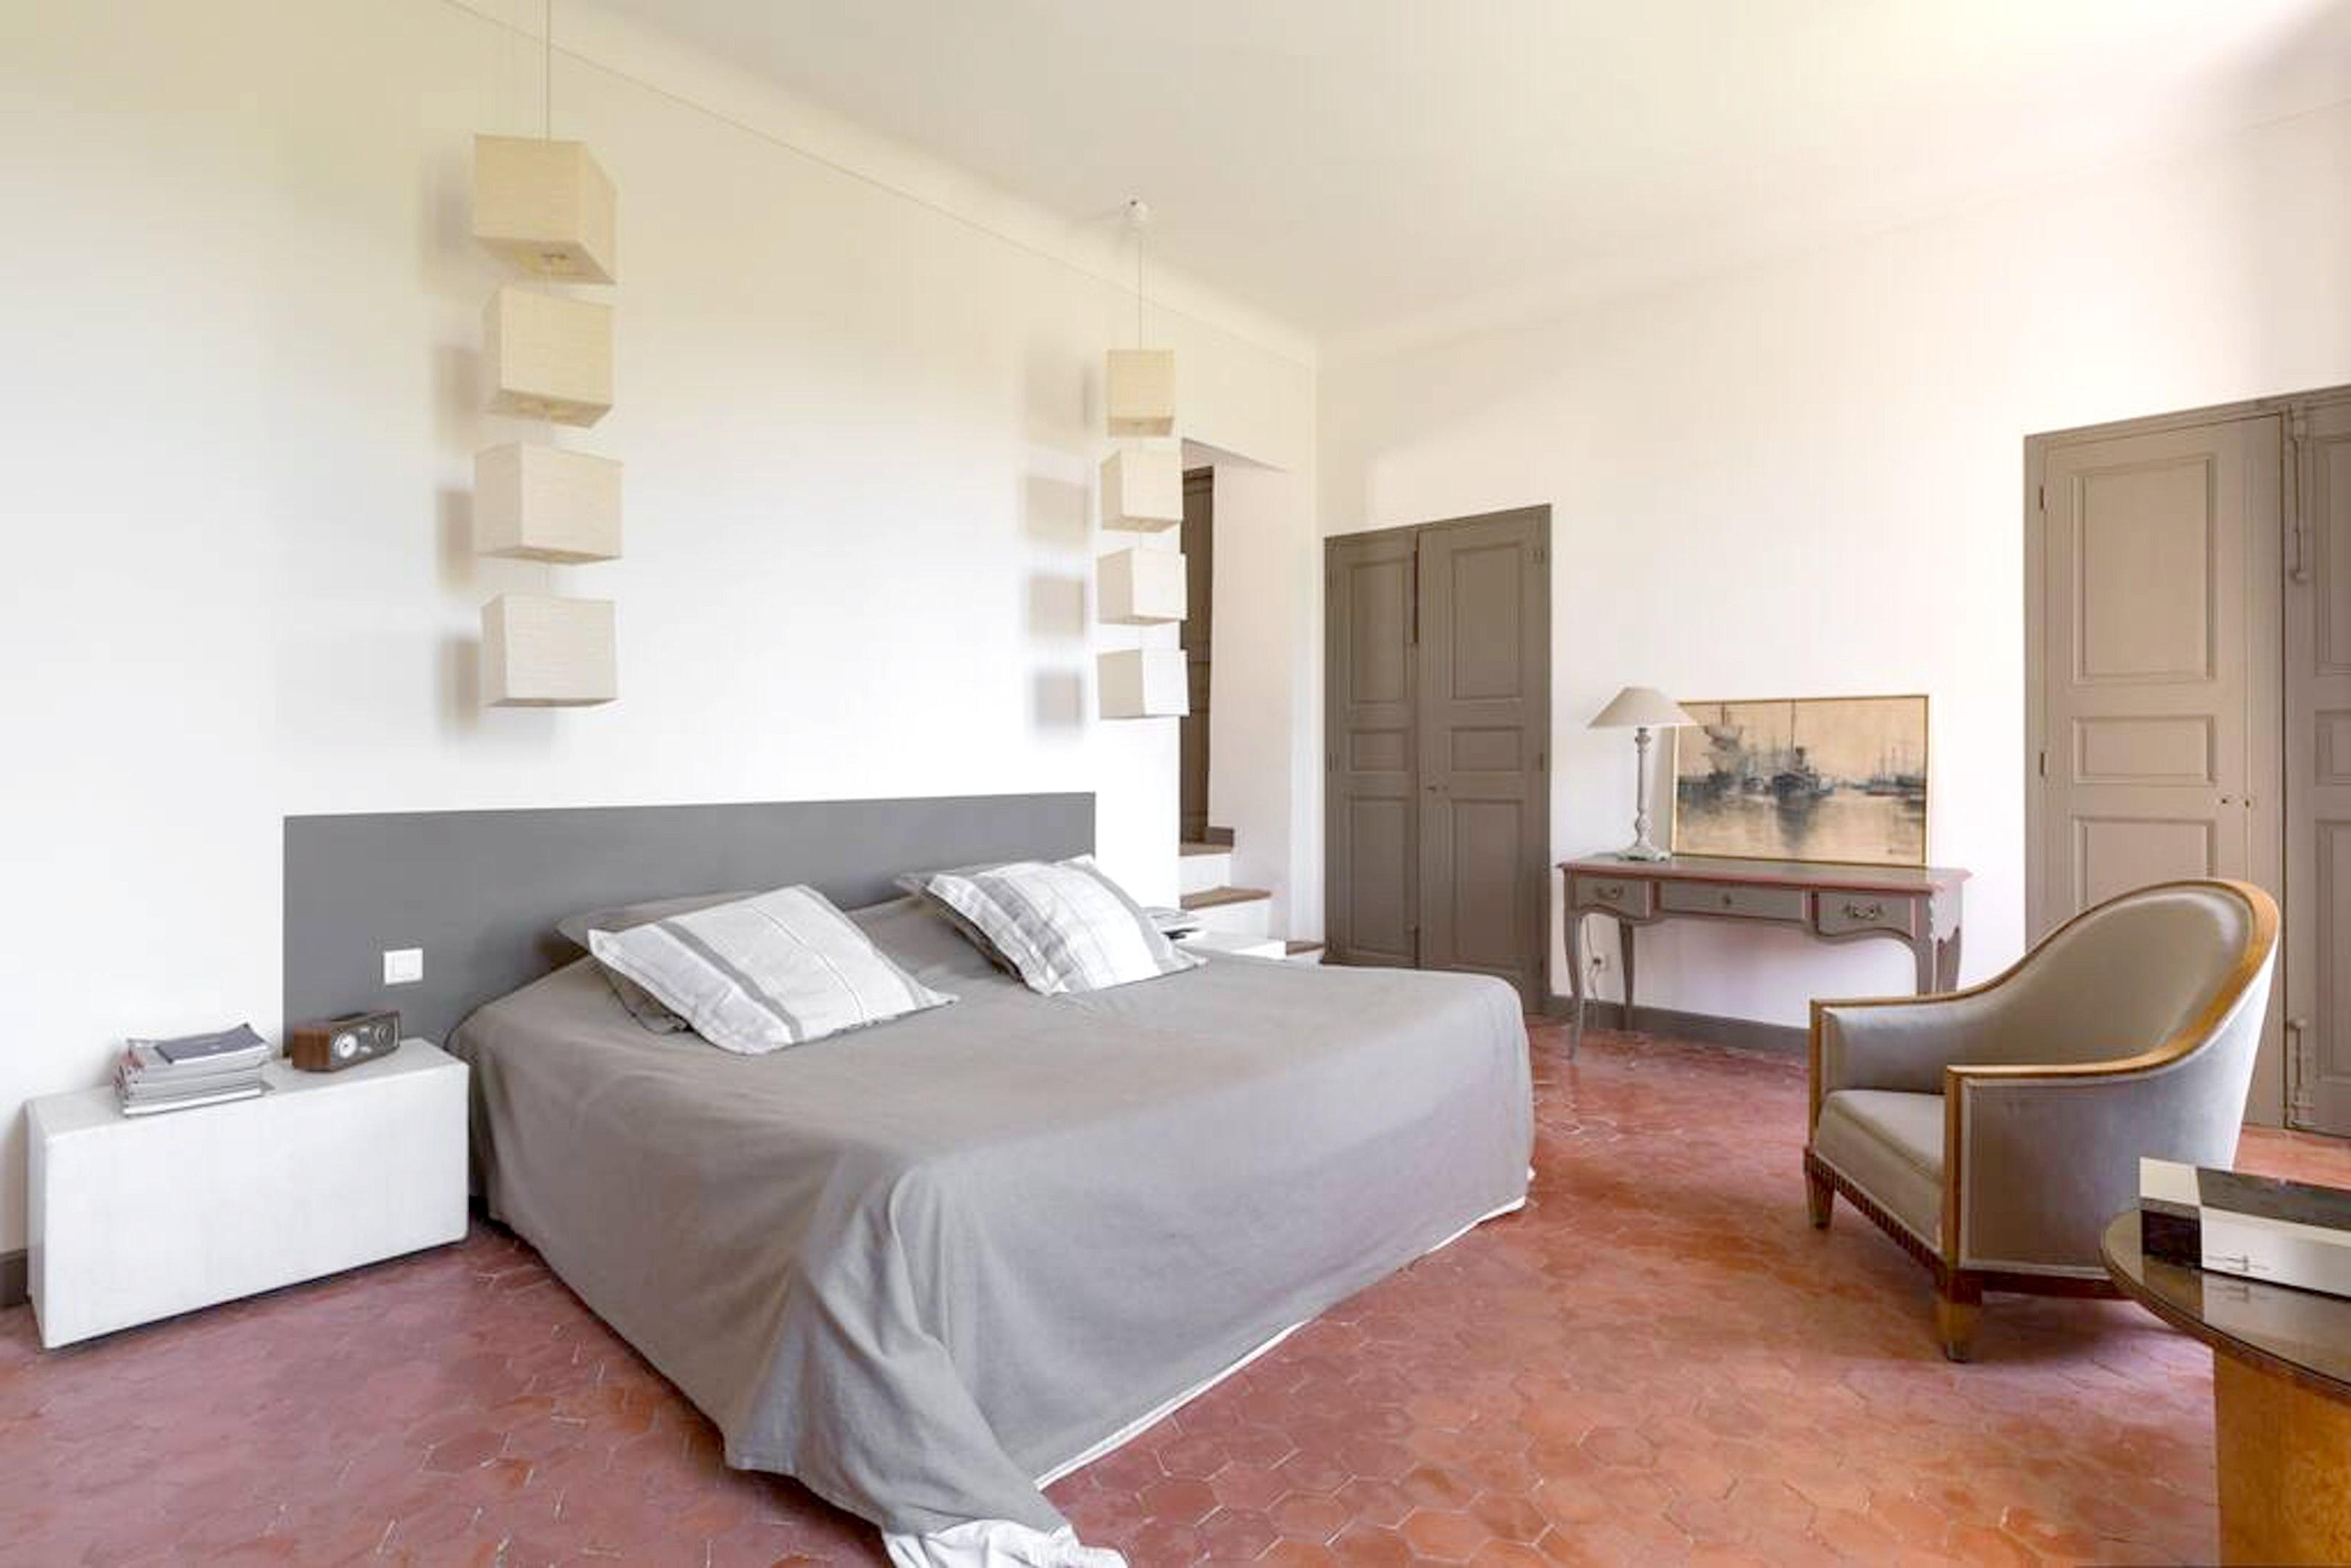 Maison de vacances Villa mit 6 Schlafzimmern in L'Isle-sur-la-Sorgue mit privatem Pool, möbliertem Garten und (2647203), L'Isle sur la Sorgue, Vaucluse, Provence - Alpes - Côte d'Azur, France, image 35